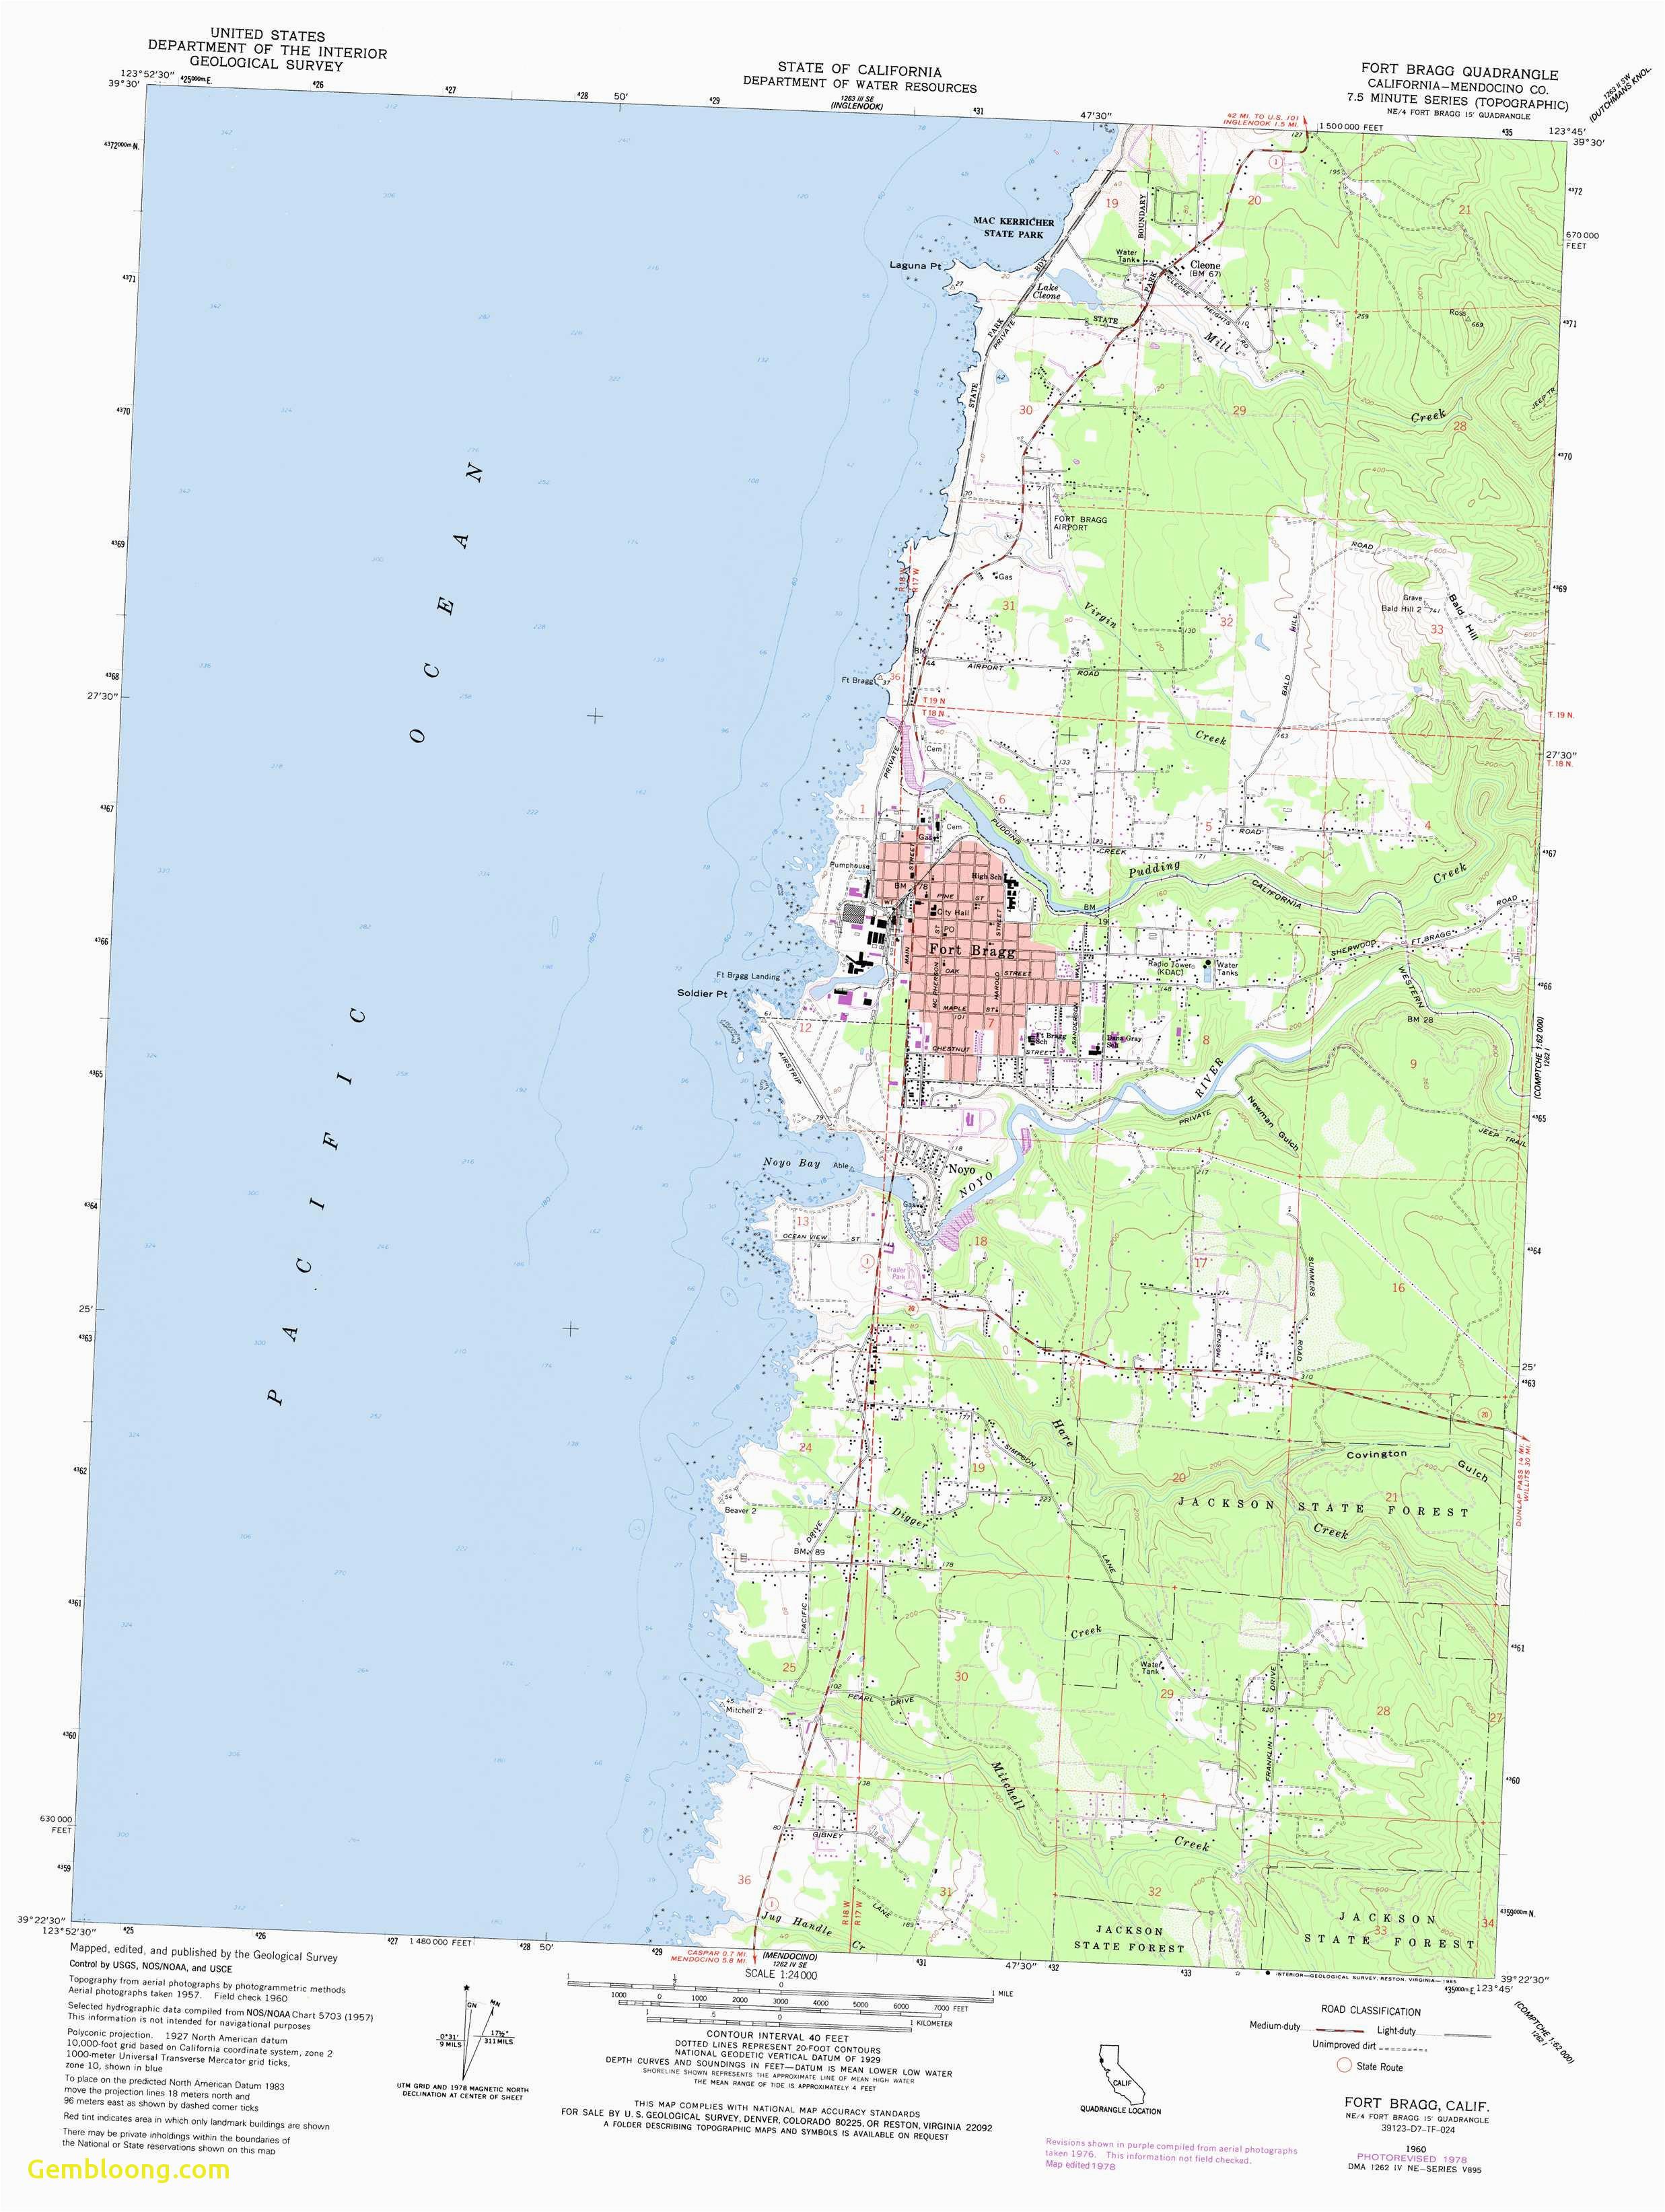 California Rest areas Map California Redwoods Map Awesome I 5 Rest areas California Map